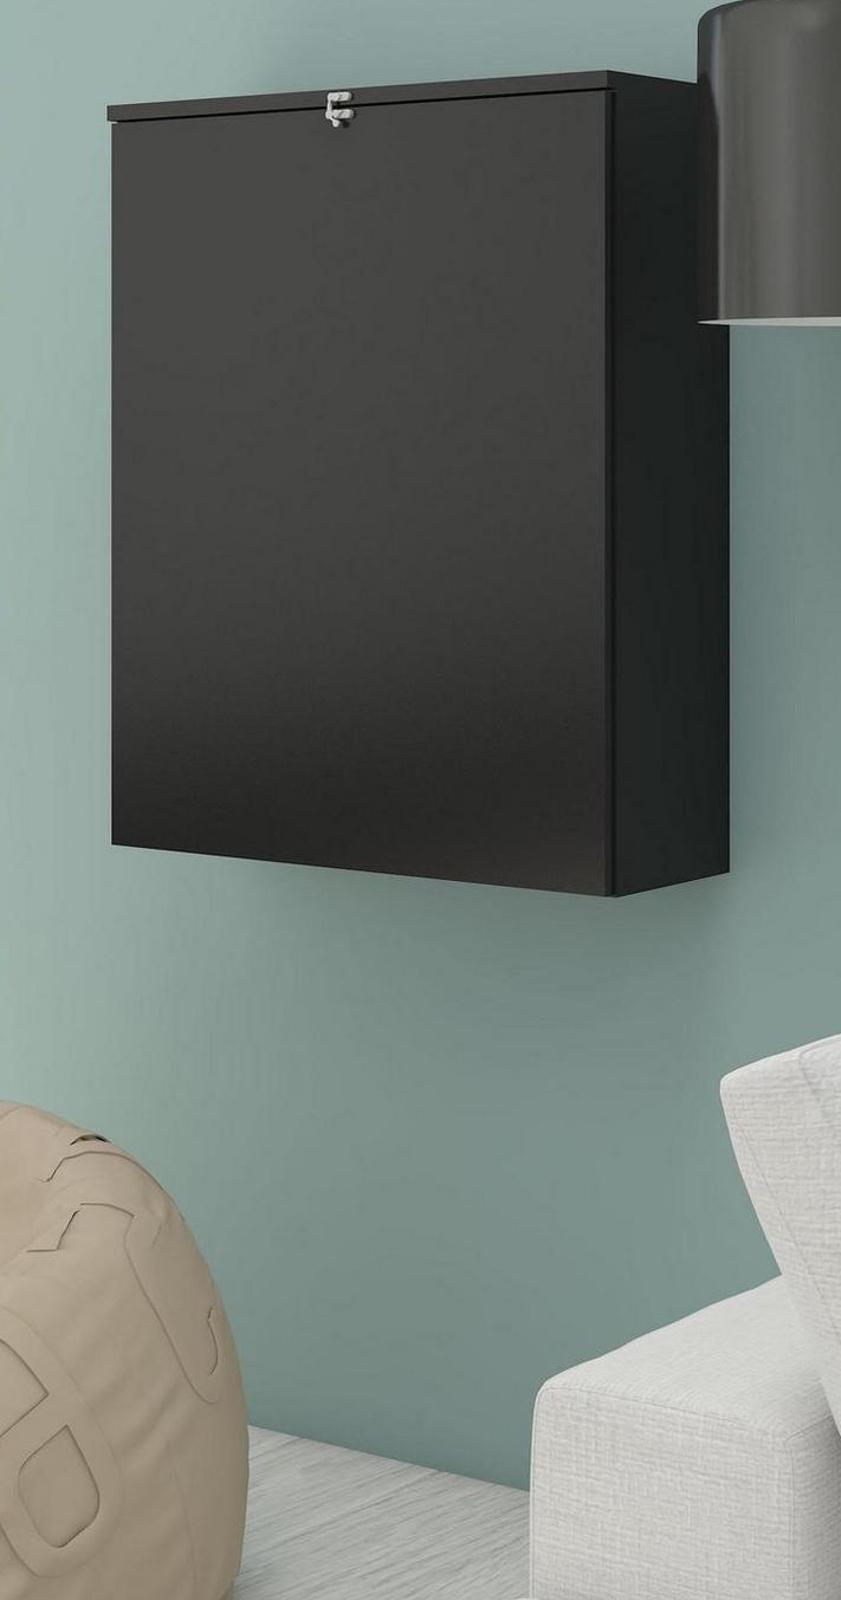 Wandtisch Klappbar Ferguson Kliemann Style 2020 01 01